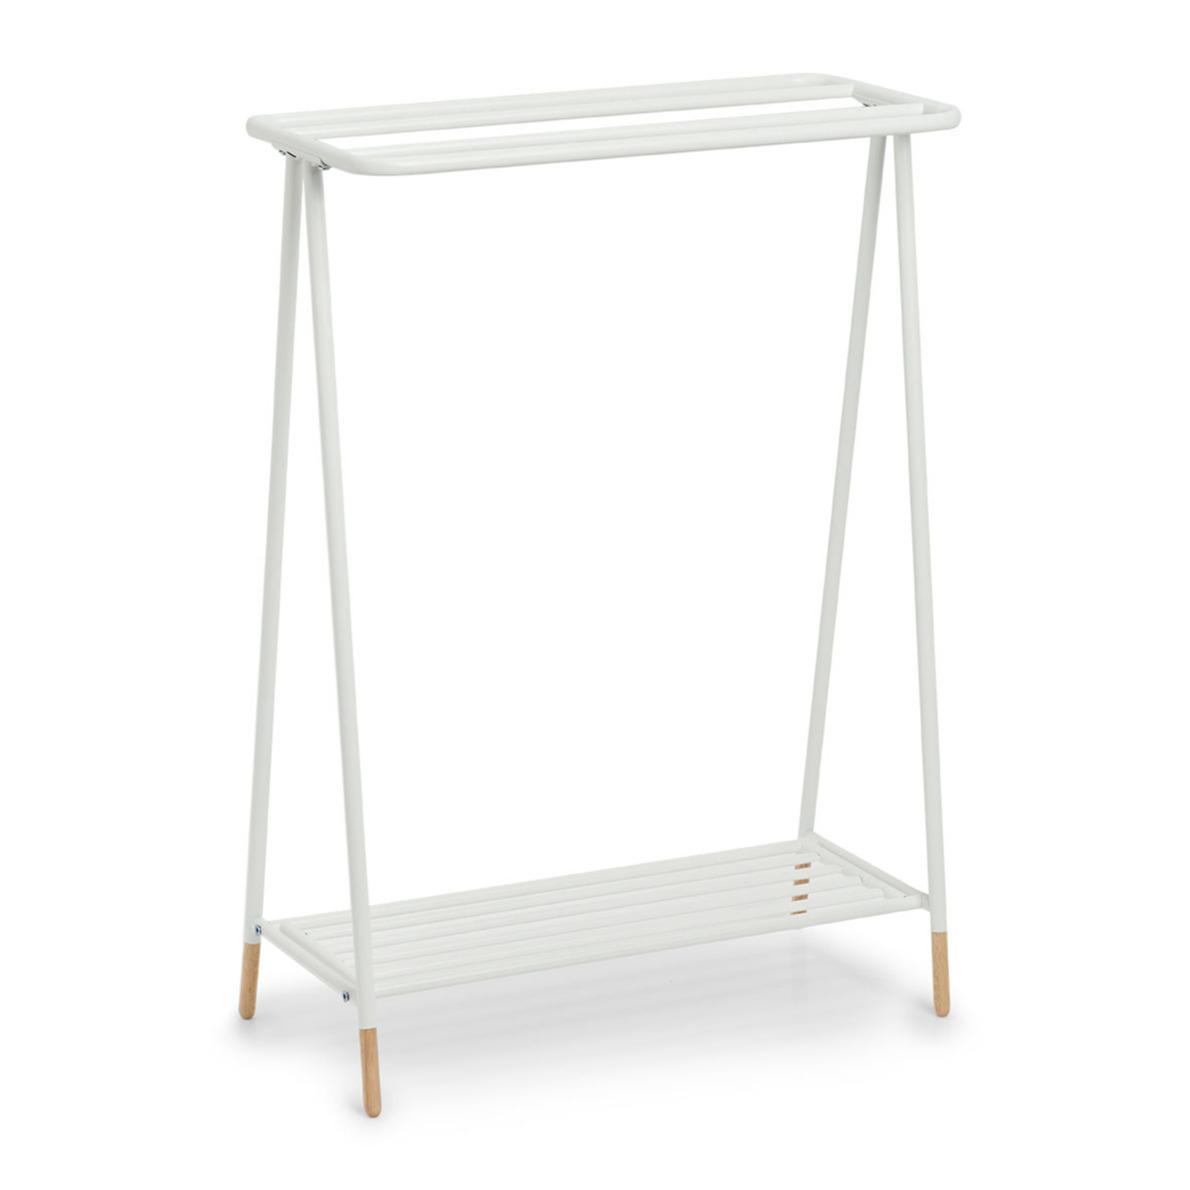 Luxe handdoek badkamer rek wit metaal hout 60 x 30 x 85 cm